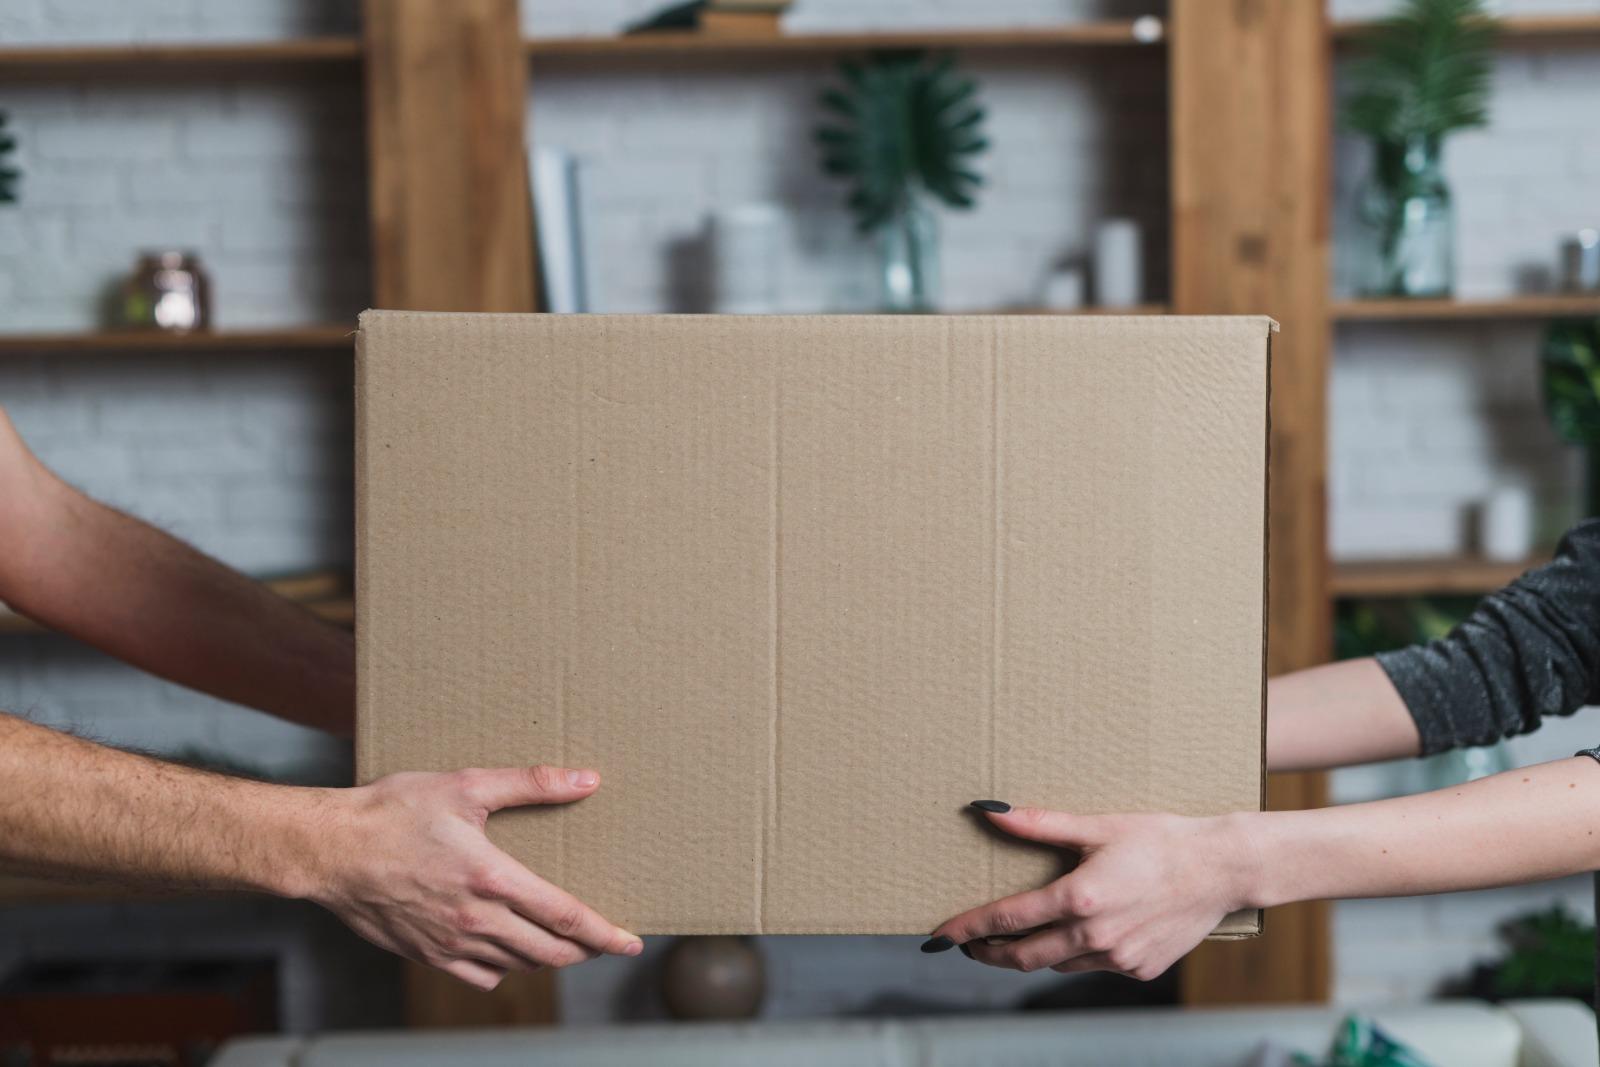 cajas de cartón en mudanzas